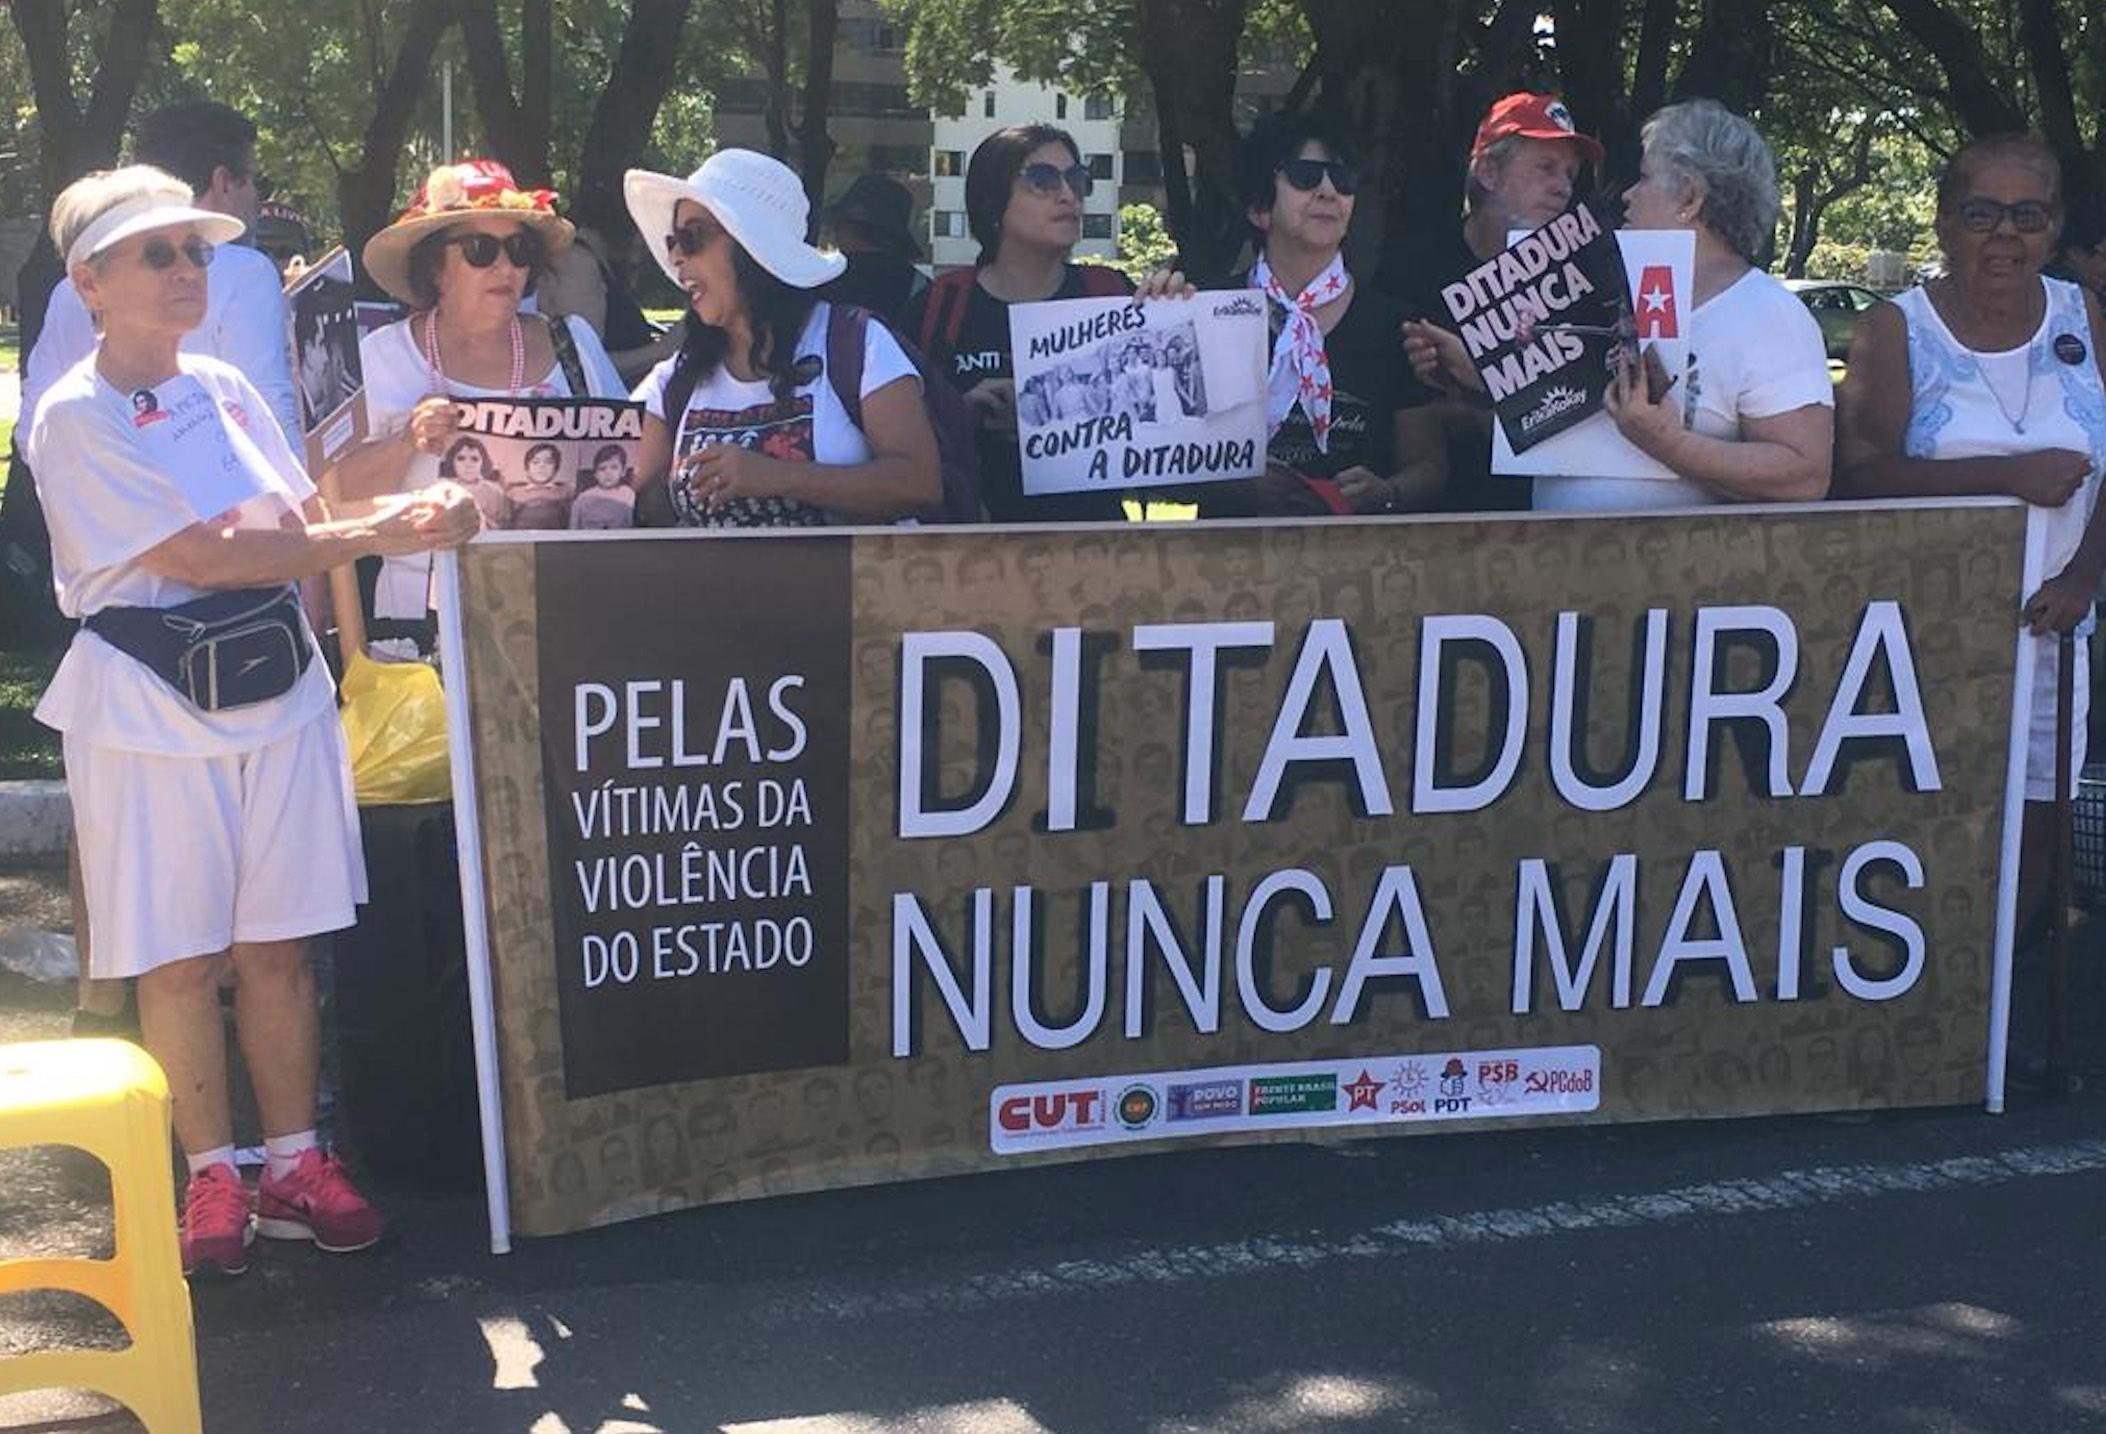 Cidades brasileiras com atos pró e contra a ditadura militar neste domingo